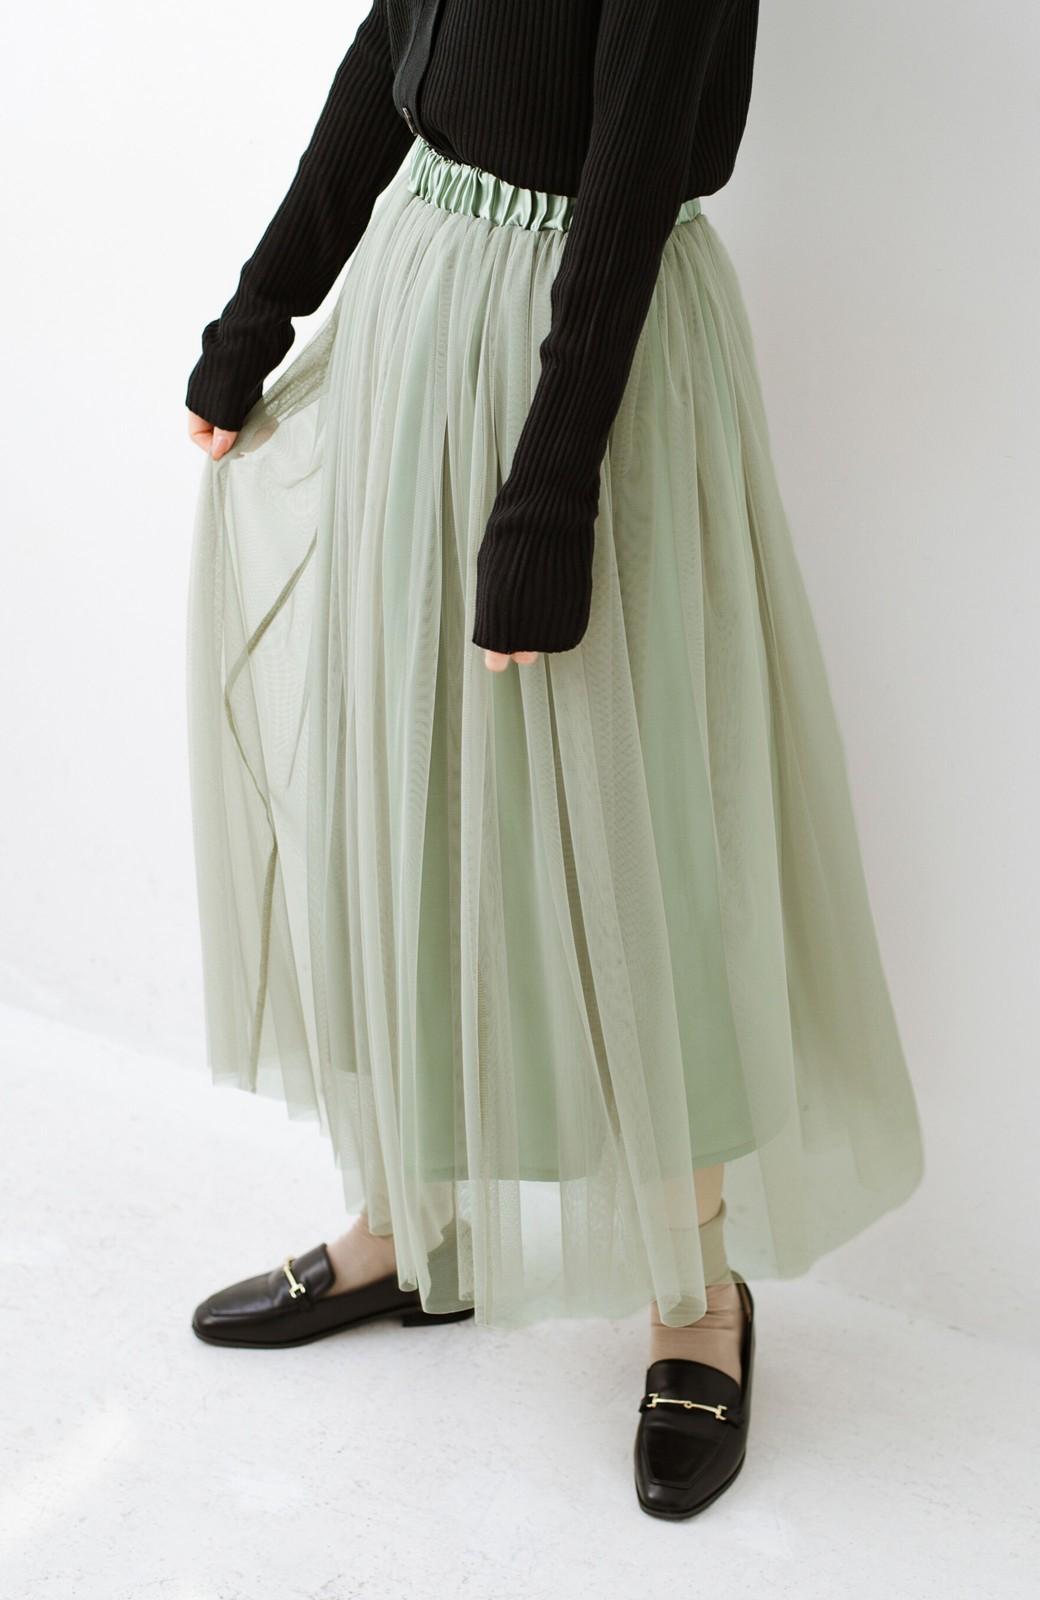 haco! 着るだけでルンとした気分になる! 長ーーい季節着られてずっと使えるオトナのためのチュールスカート <グリーン>の商品写真9